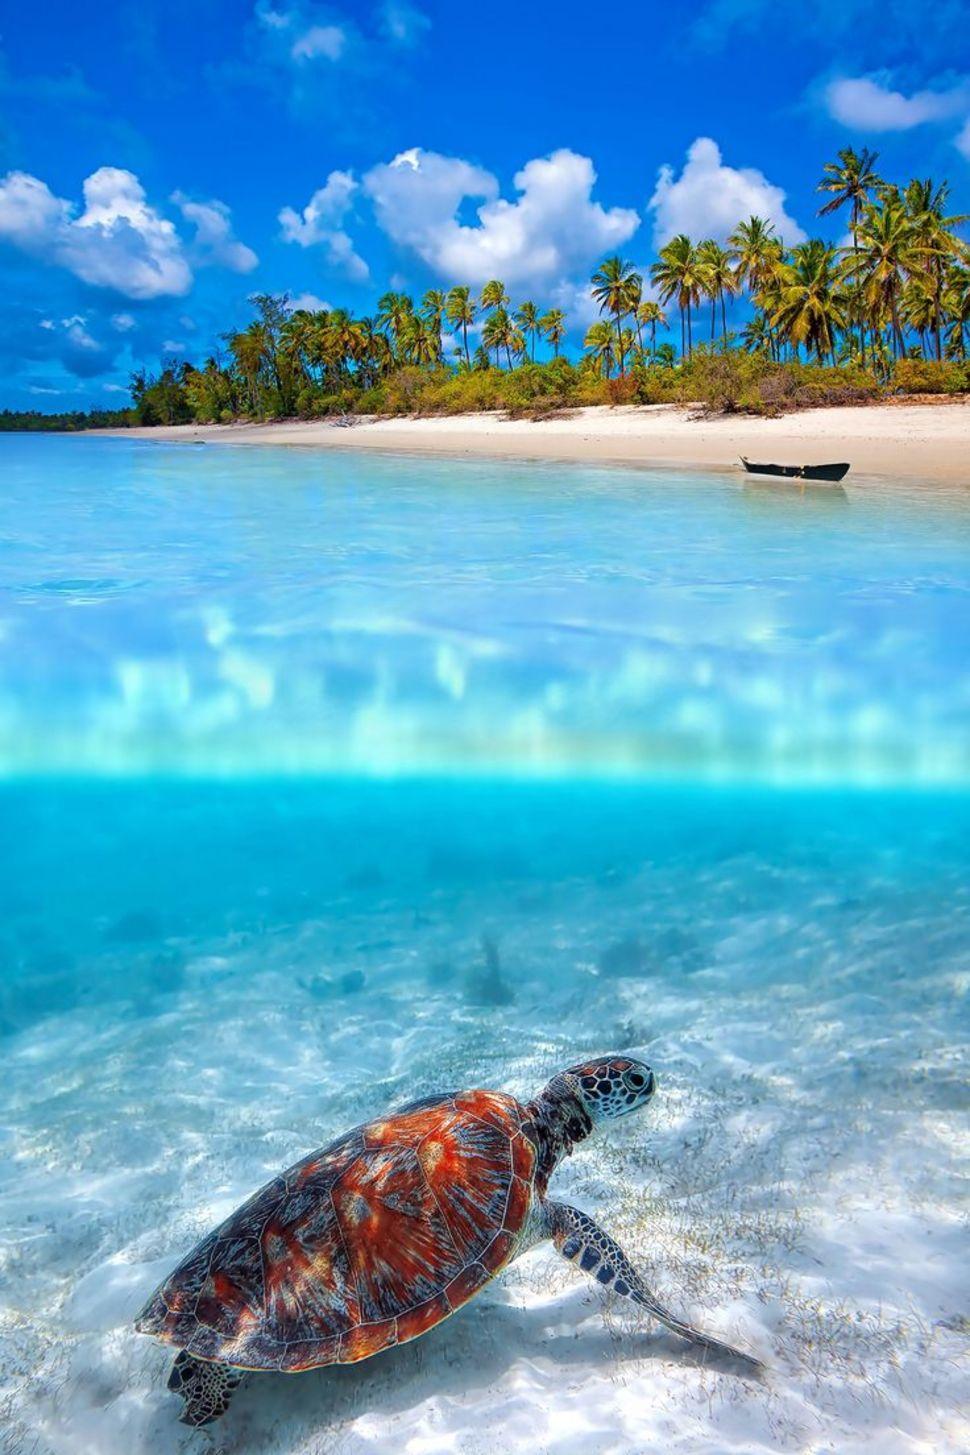 Underwater Zanzibar Tanzania